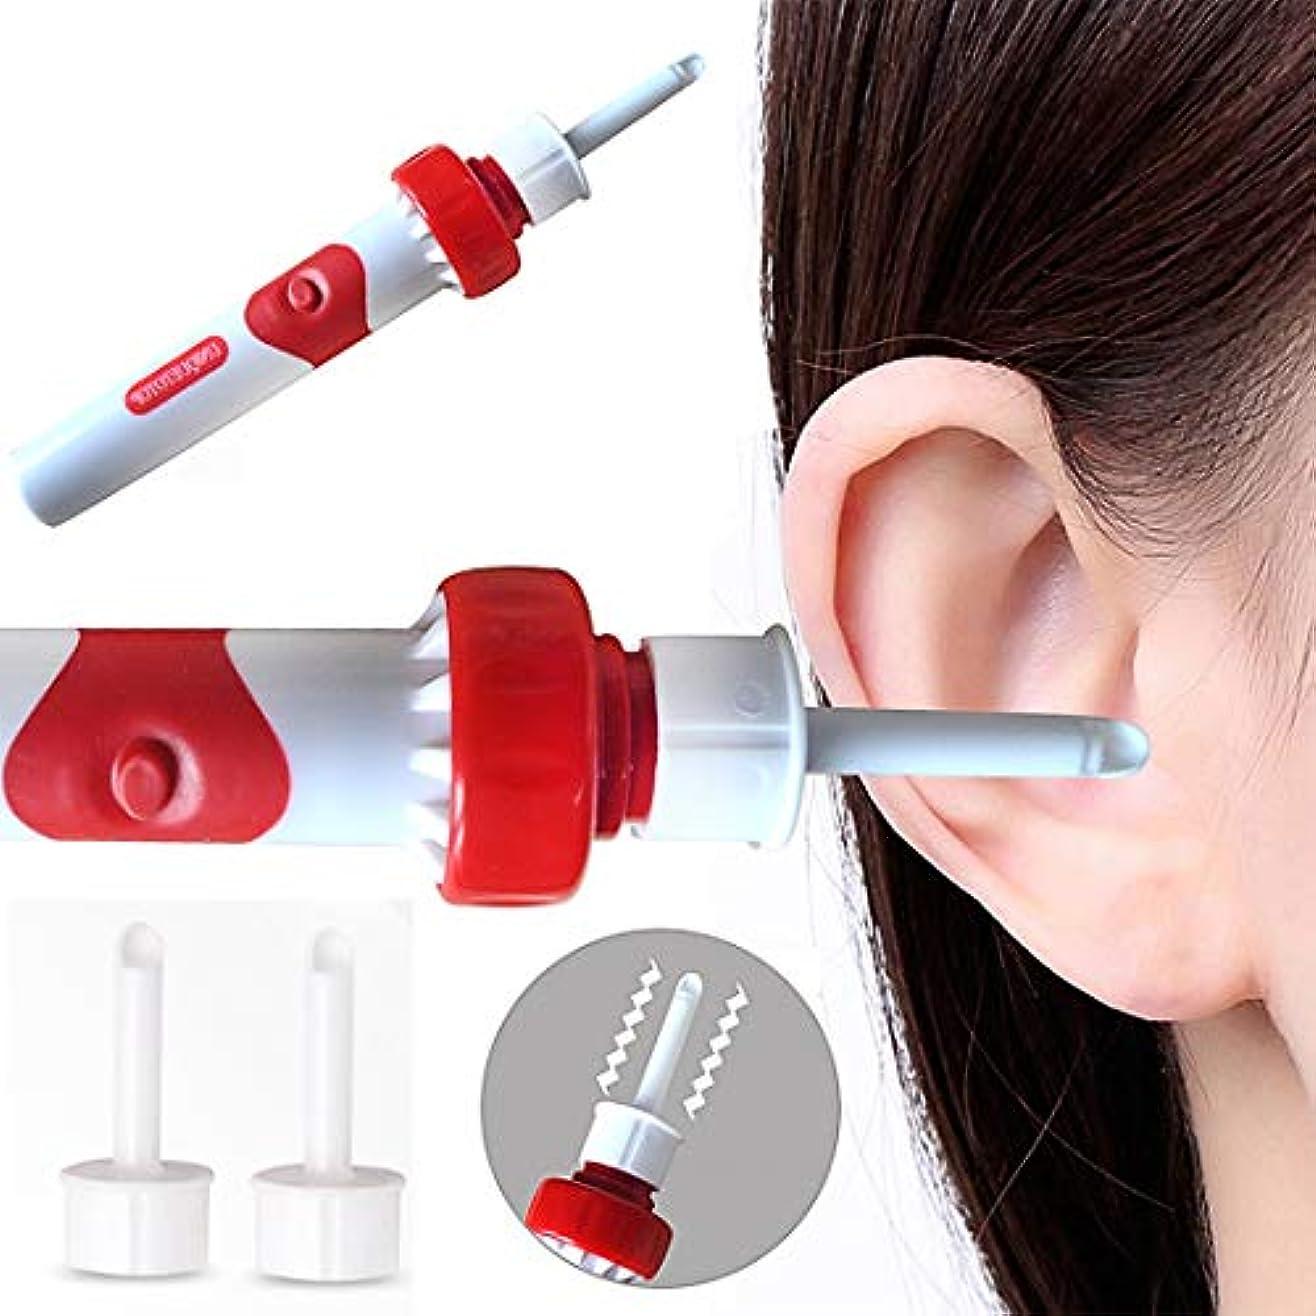 飢えた事故ヨーグルト耳かき 耳すっきりクリーナー 耳のお掃除 耳のケア 耳かき ポケットイヤークリーナー